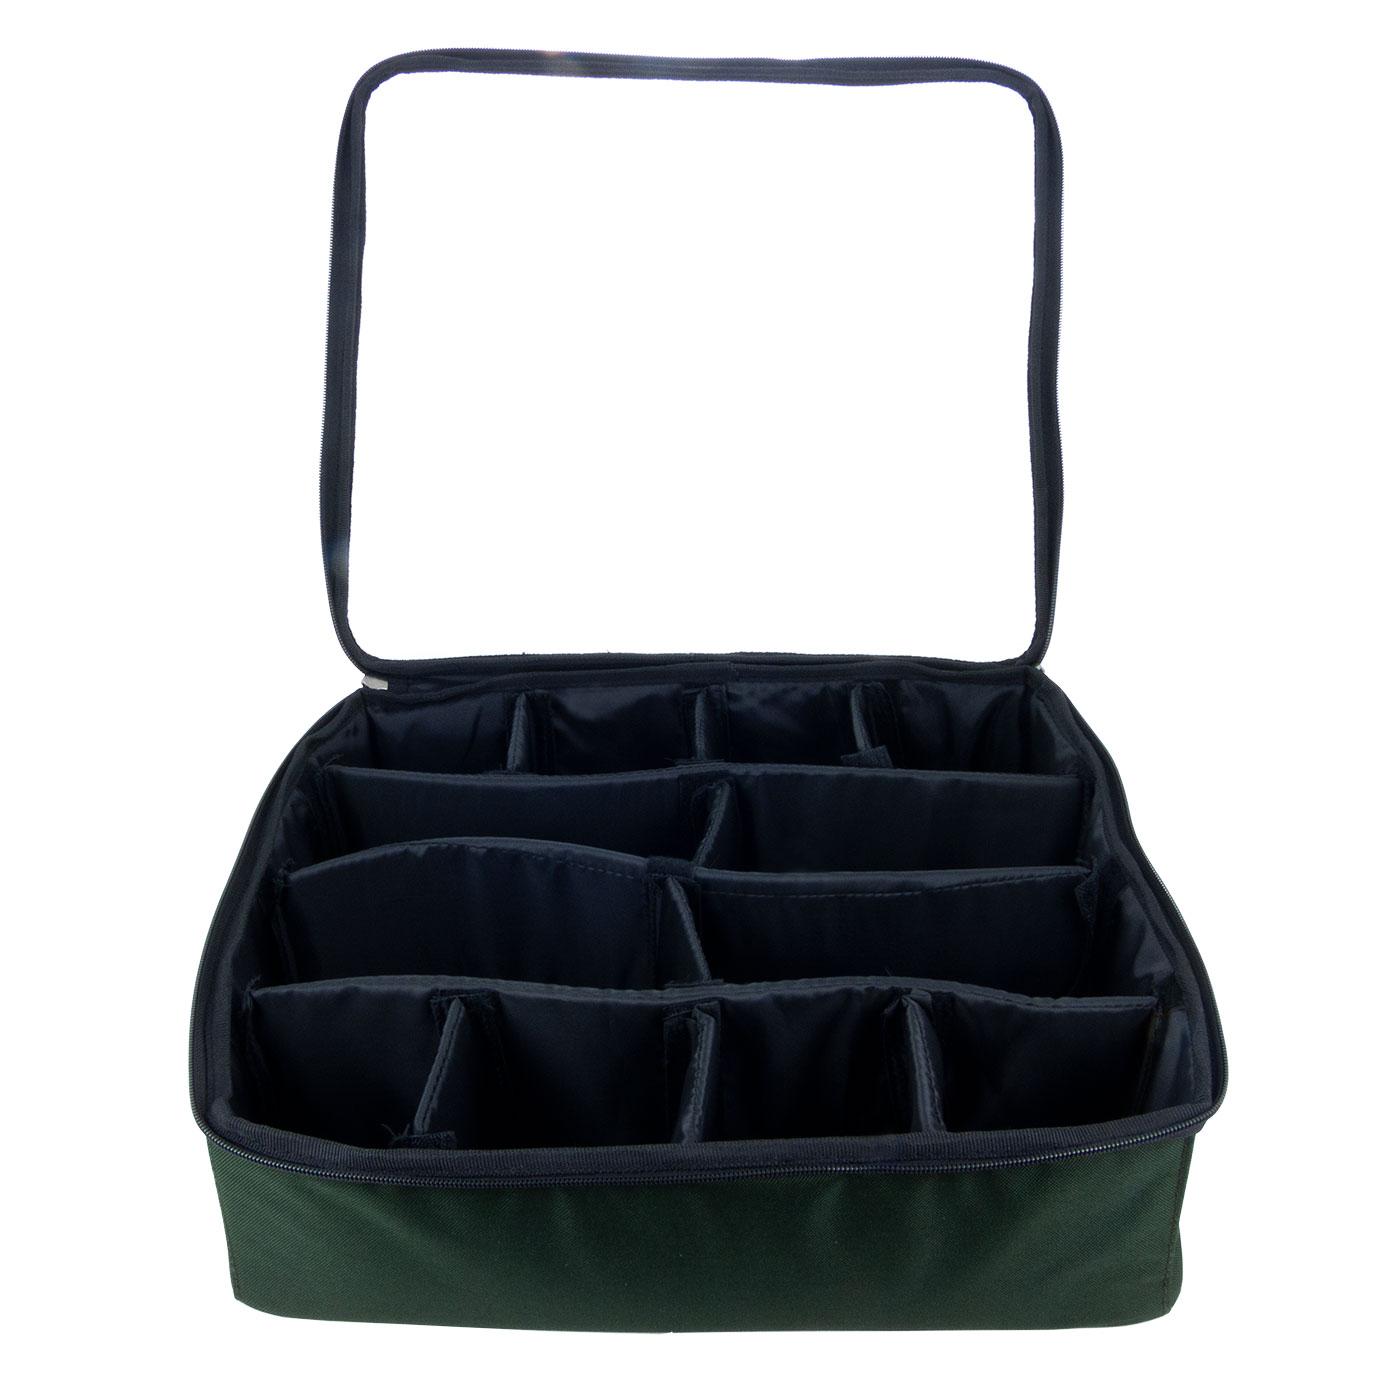 Anaconda Cute Box Carrier